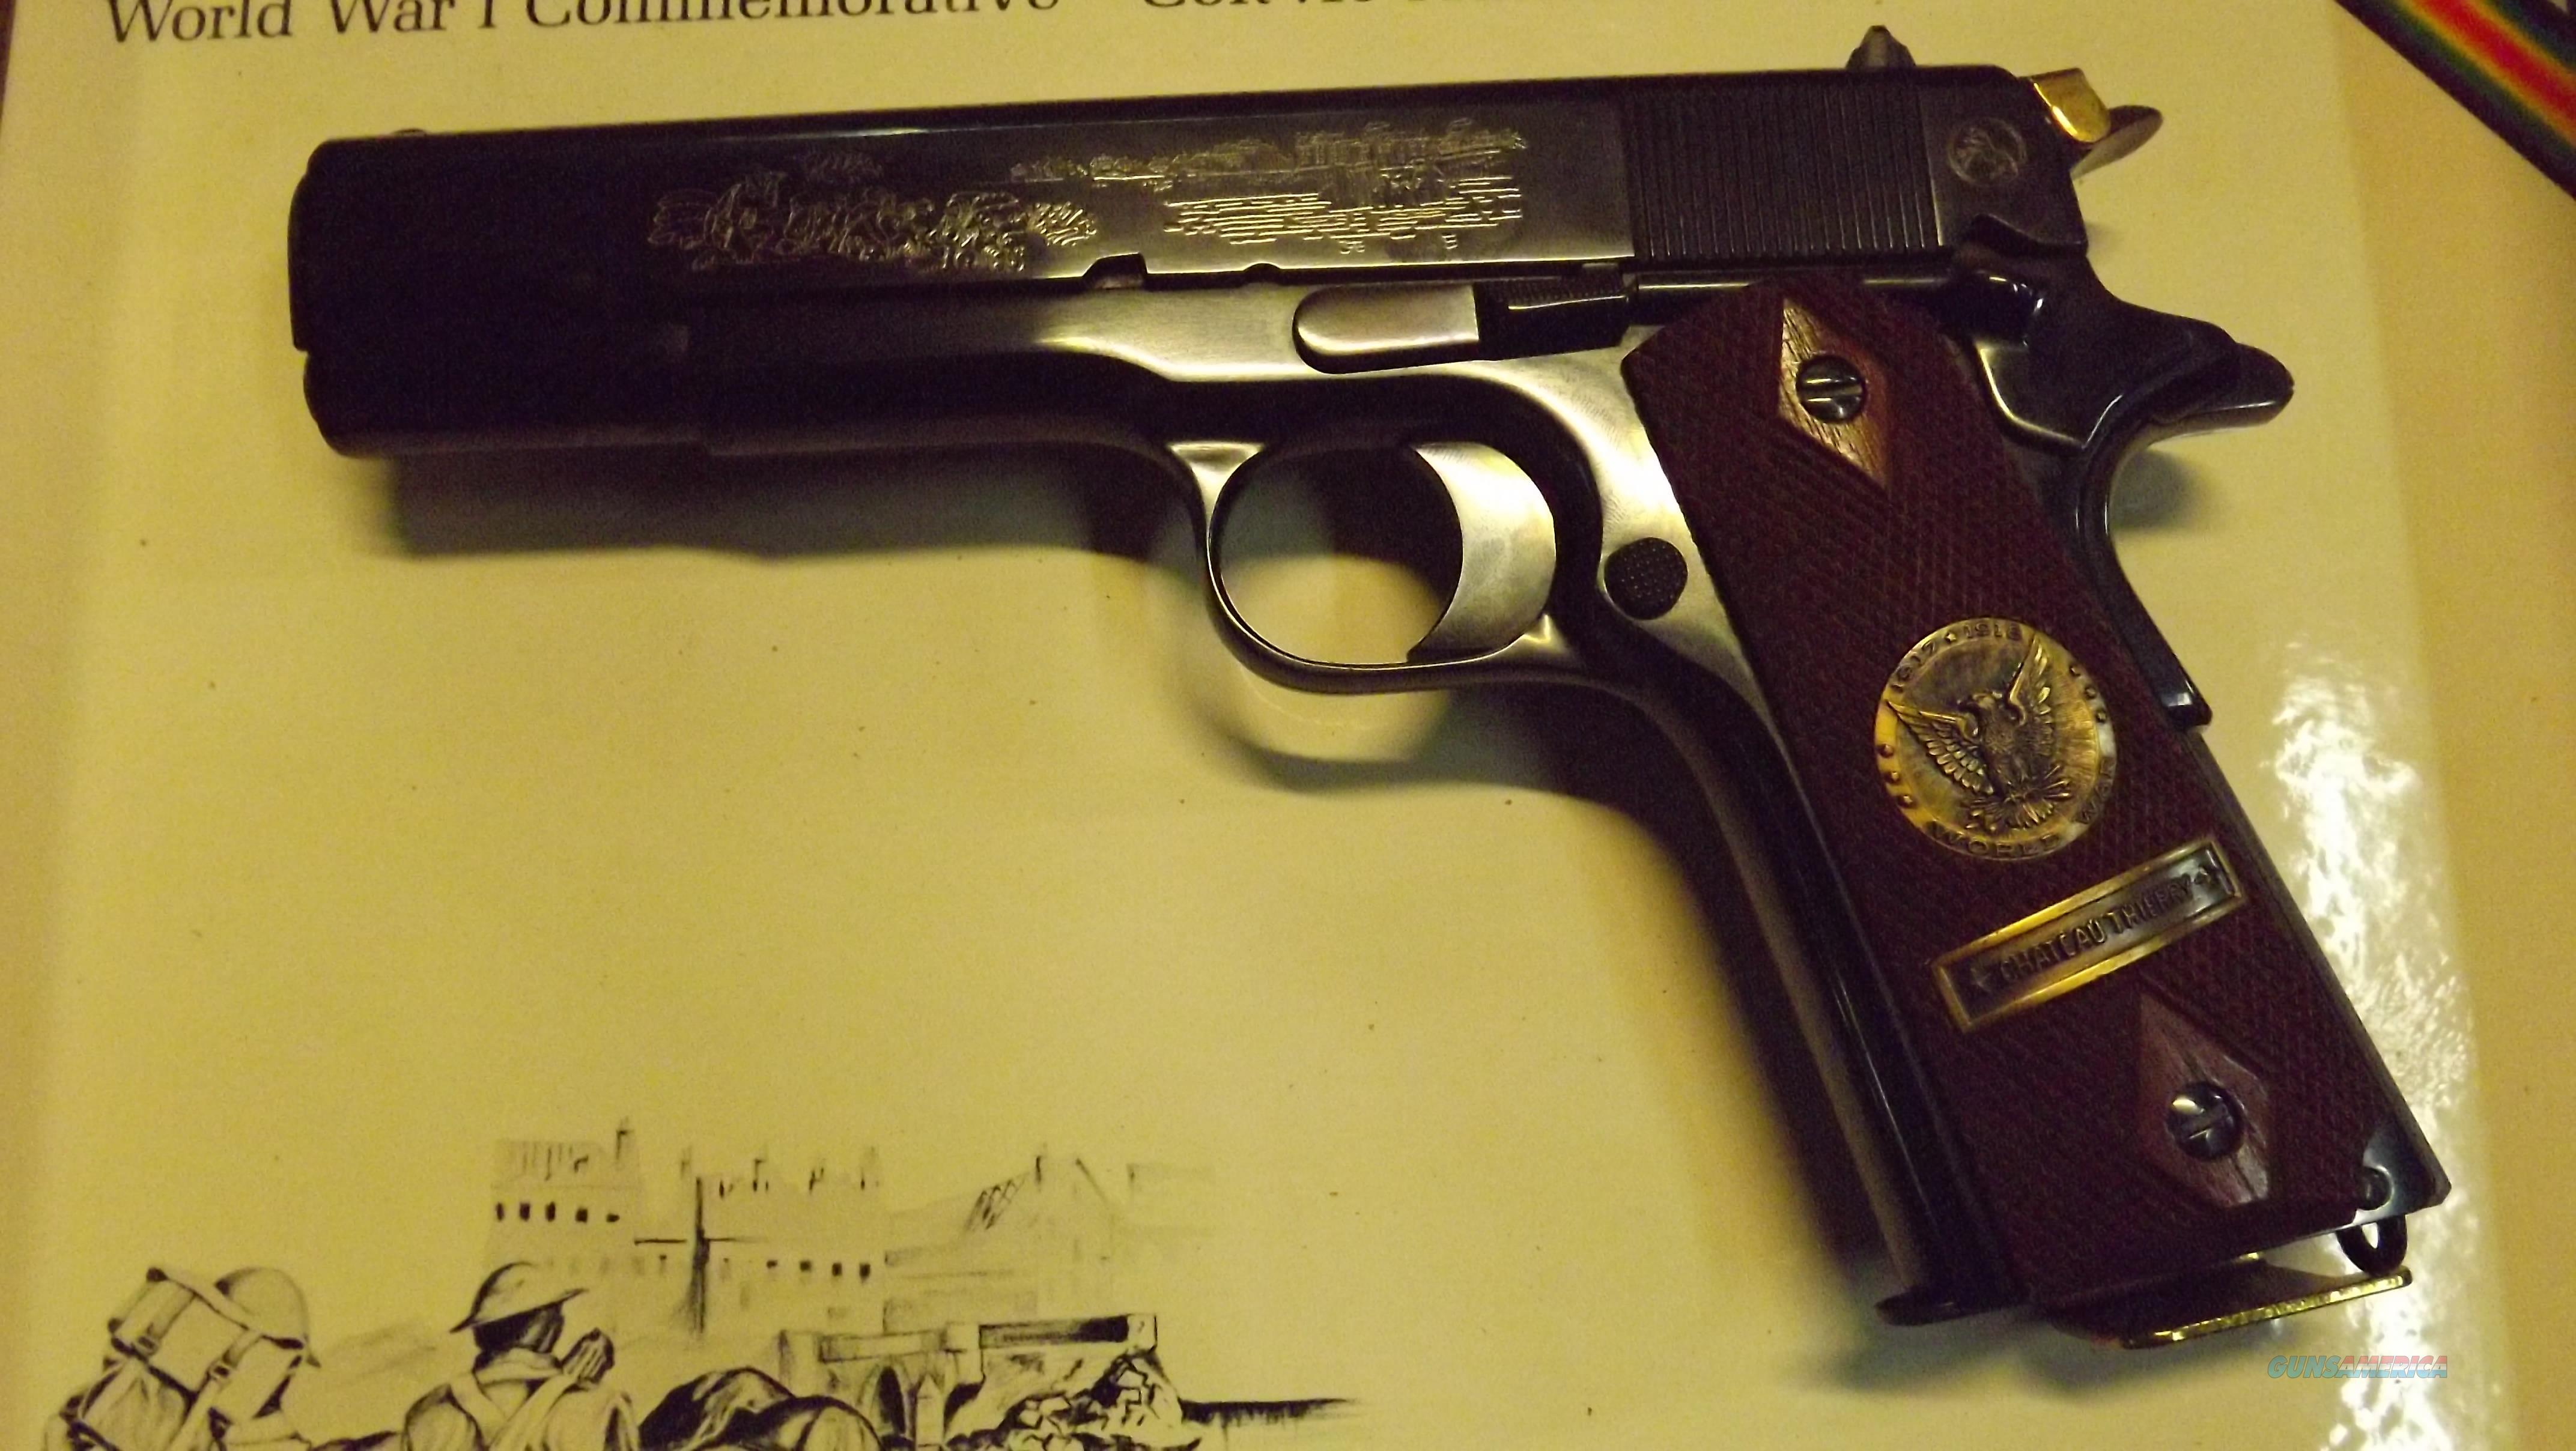 COLT 1911 WW1 1917/1967 CCCCCOMMERATIVE CHATEAU THIERRY  Guns > Pistols > Colt Commemorative Pistols